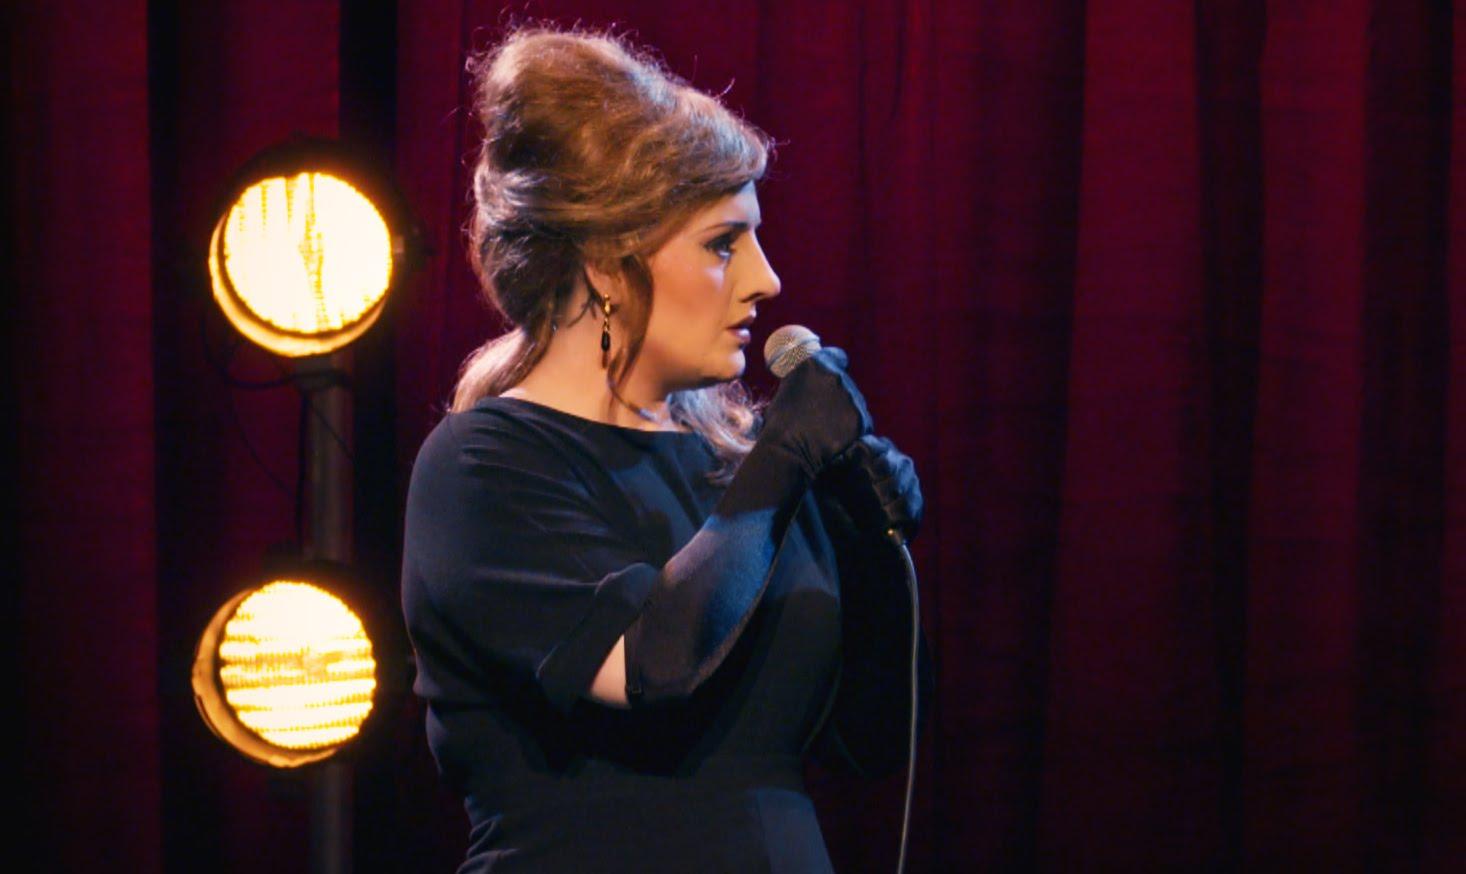 VIDEO: ADELE KAO JENNY Slavna pjevačica pripredila pravo iznenađenje obožavateljima